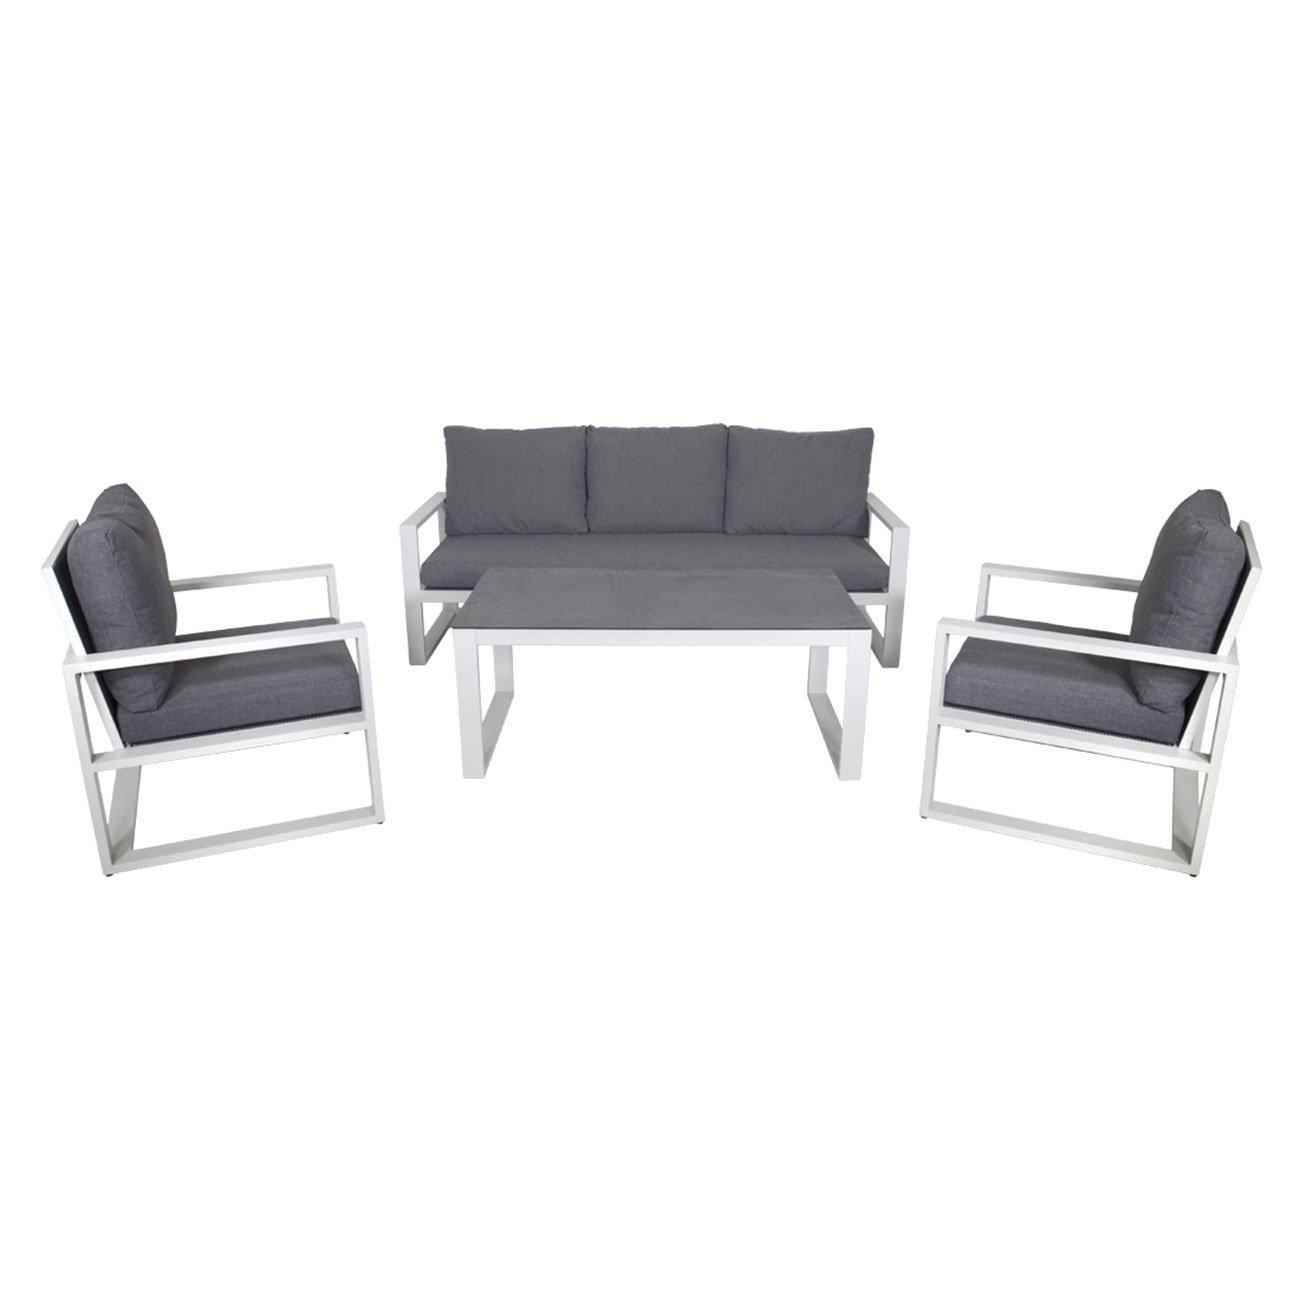 Gartenlounge OUTLIV. Pina Colada Sofagruppe 4-teilig Aluminium weißgrau/Kissen anthrazit 701259-874173